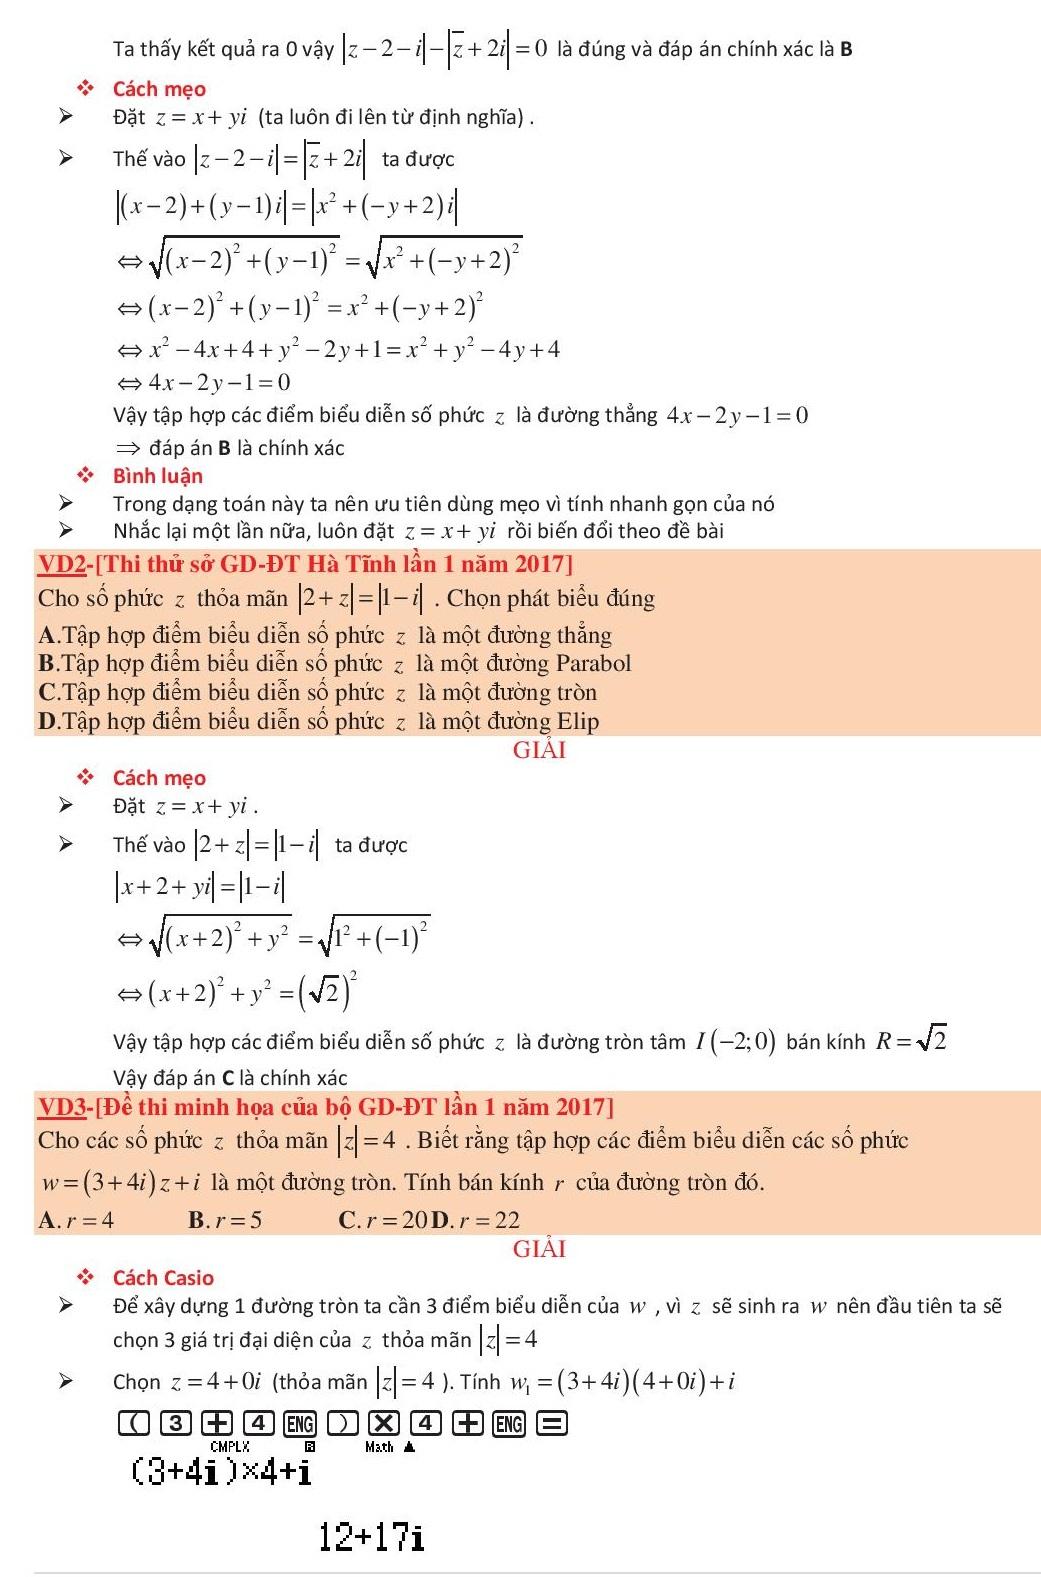 Giải dạng quỹ tích số phức bằng máy tính casio (2).jpg